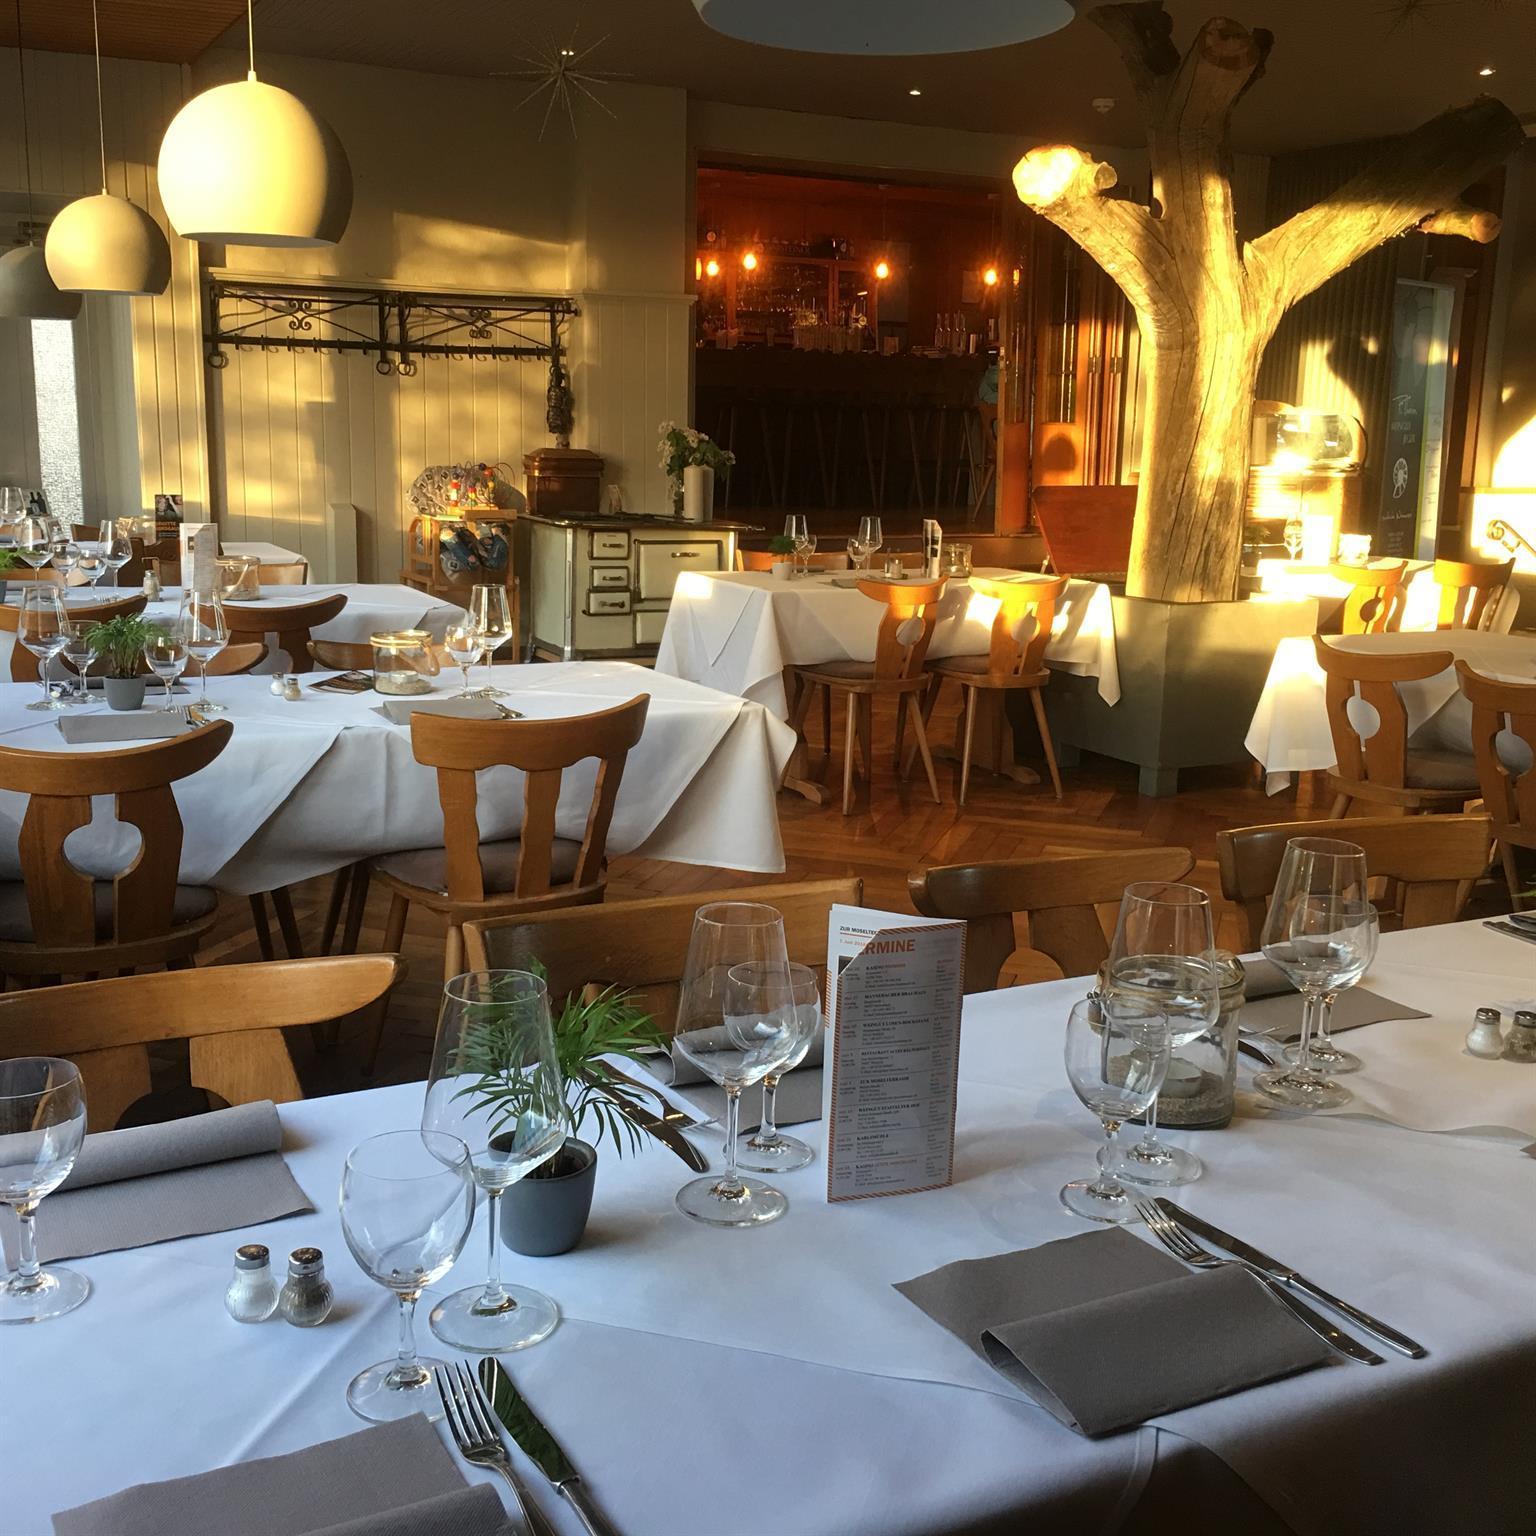 Hotel-Restaurant Zur Moselterrasse Palzem (12)